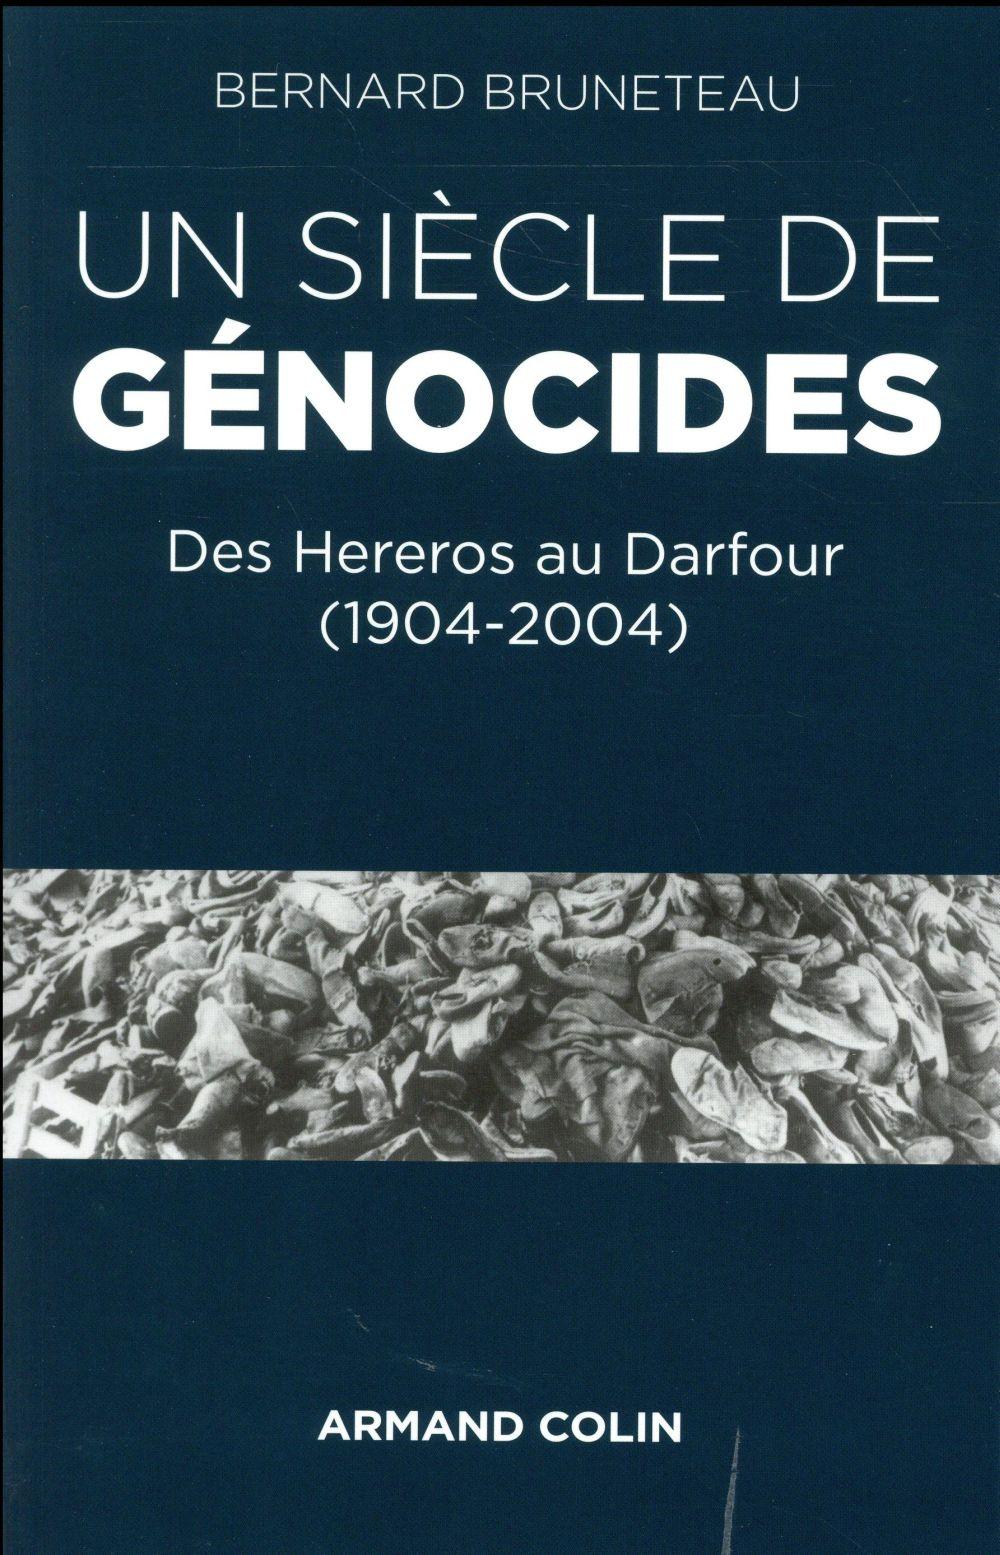 Un siècle de génocides ; des Hereros au Darfour (1904-2004)